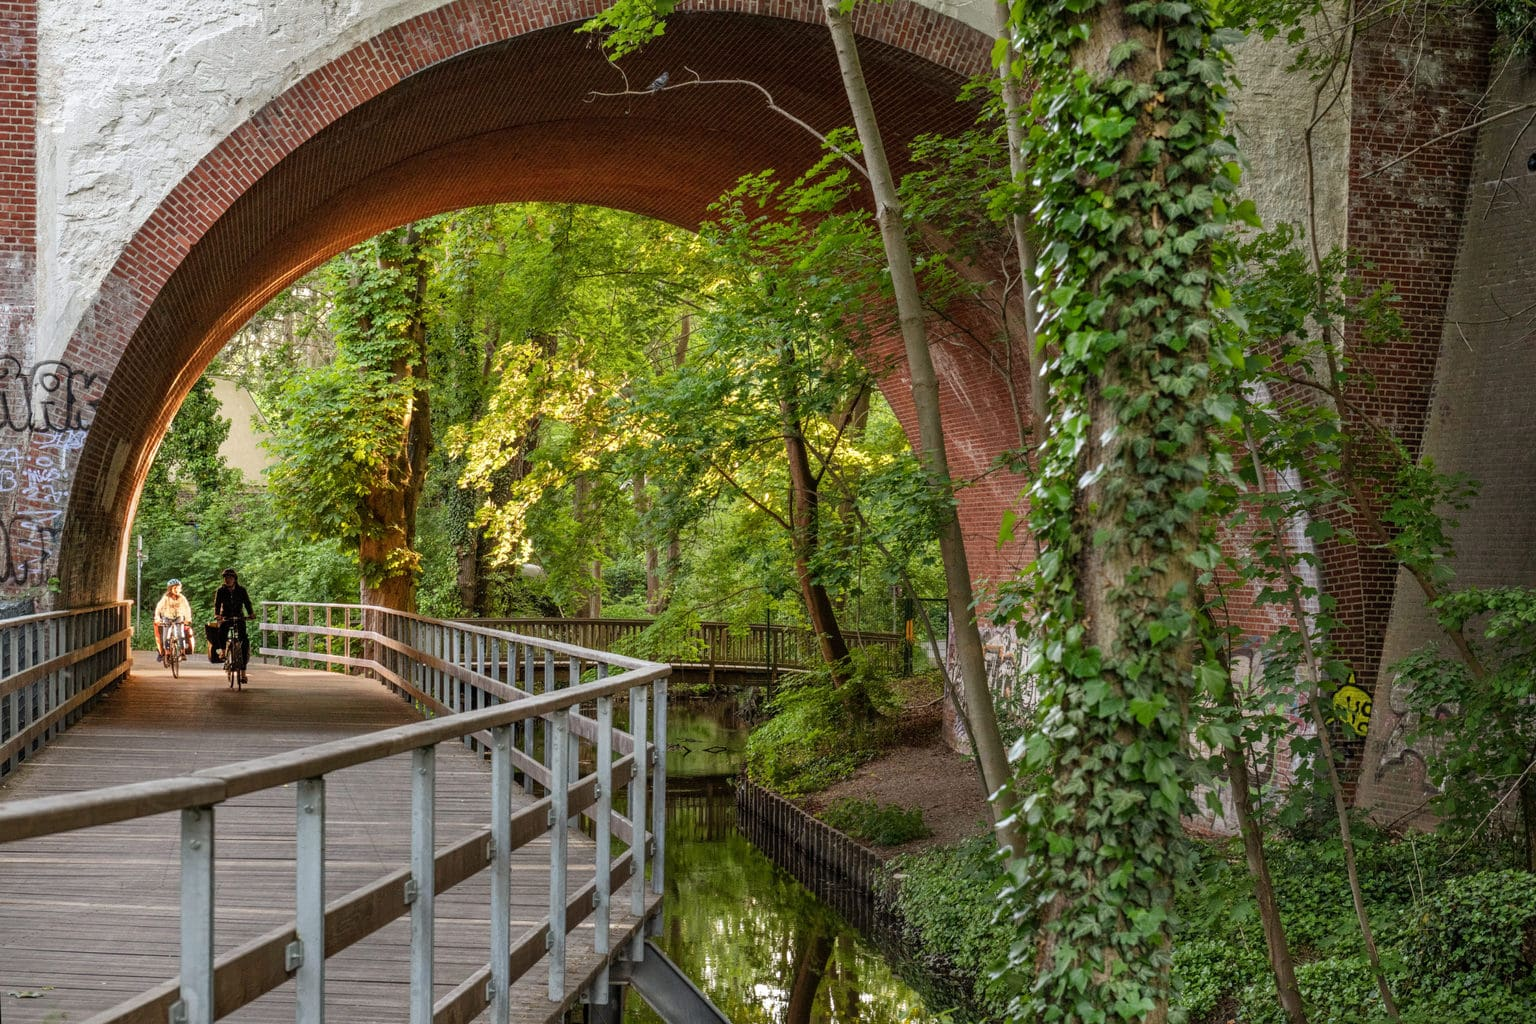 Een fietspad onder een brug in een bos met de Tegeler Fließ, en beekje in de Berlijnse wijk Reinickendorf